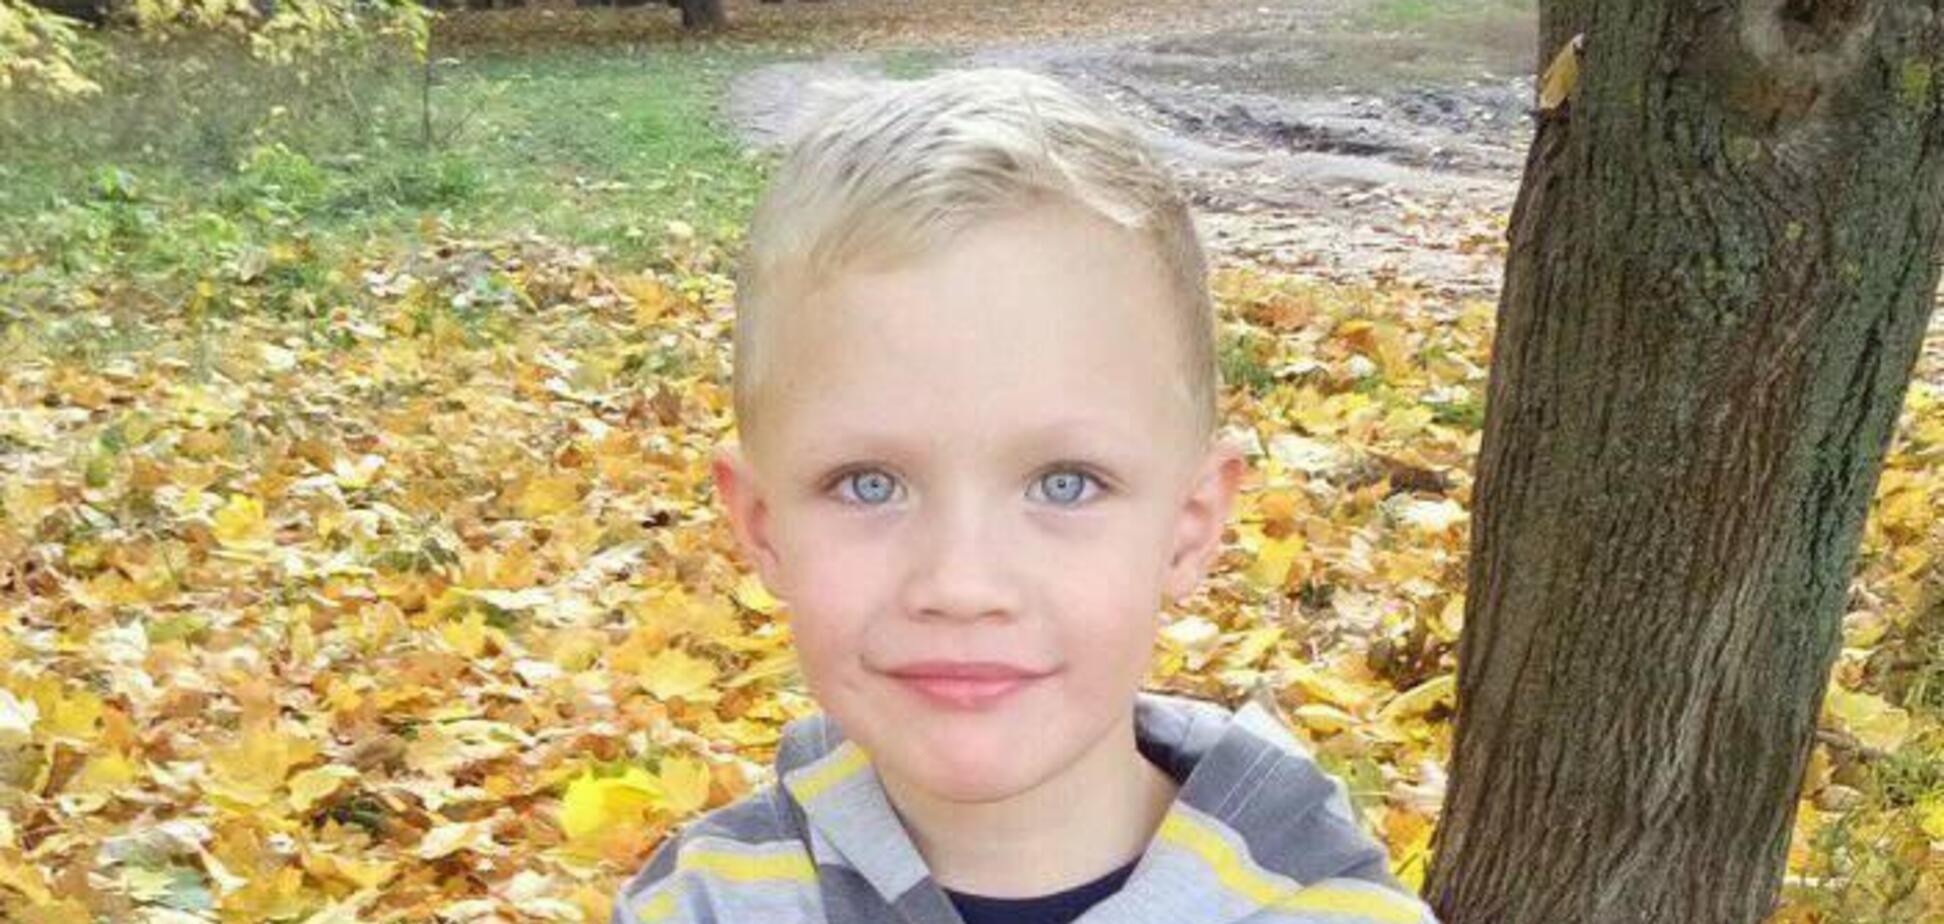 Убийство ребенка под Киевом: полиция рассекретила данные об оружии